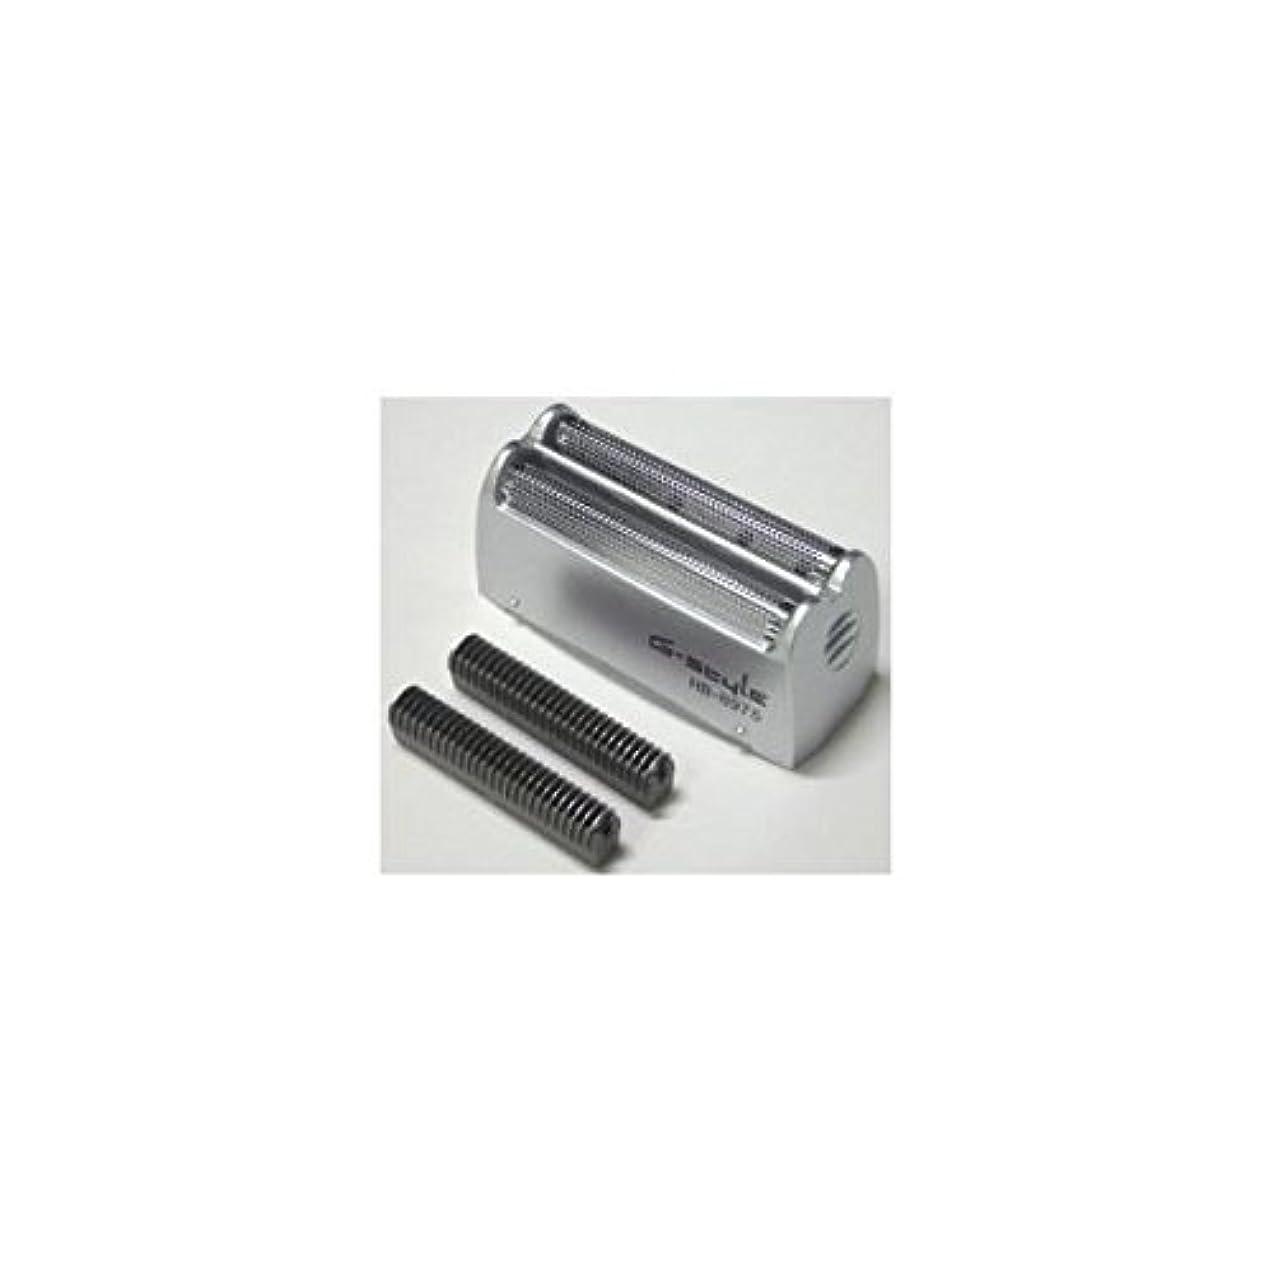 固体いつも幻想的オーム電機 シェーバー用替え刃セット HB8981